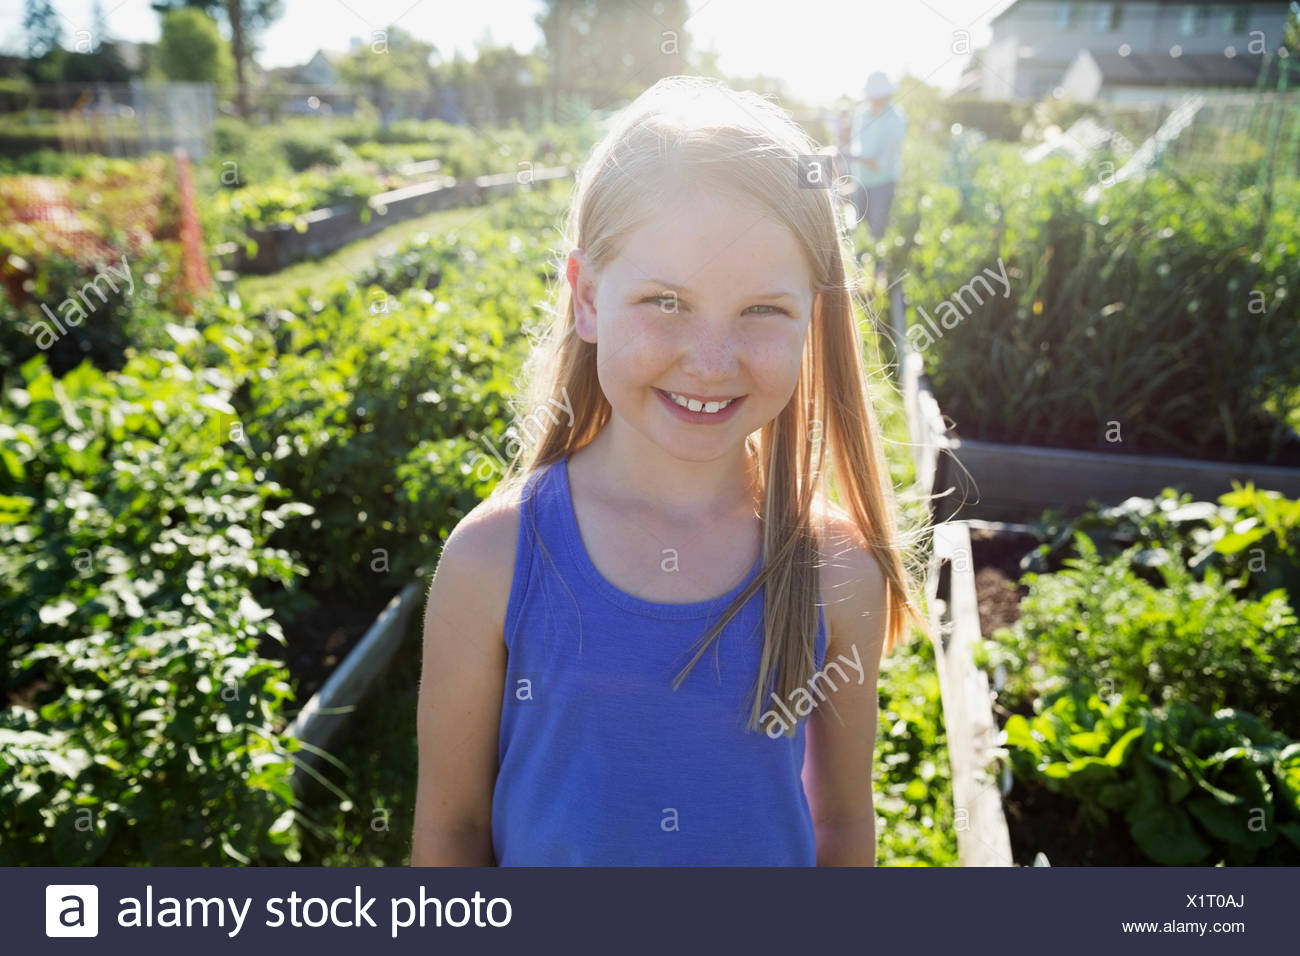 Portrait smiling girl in sunny garden - Stock Image